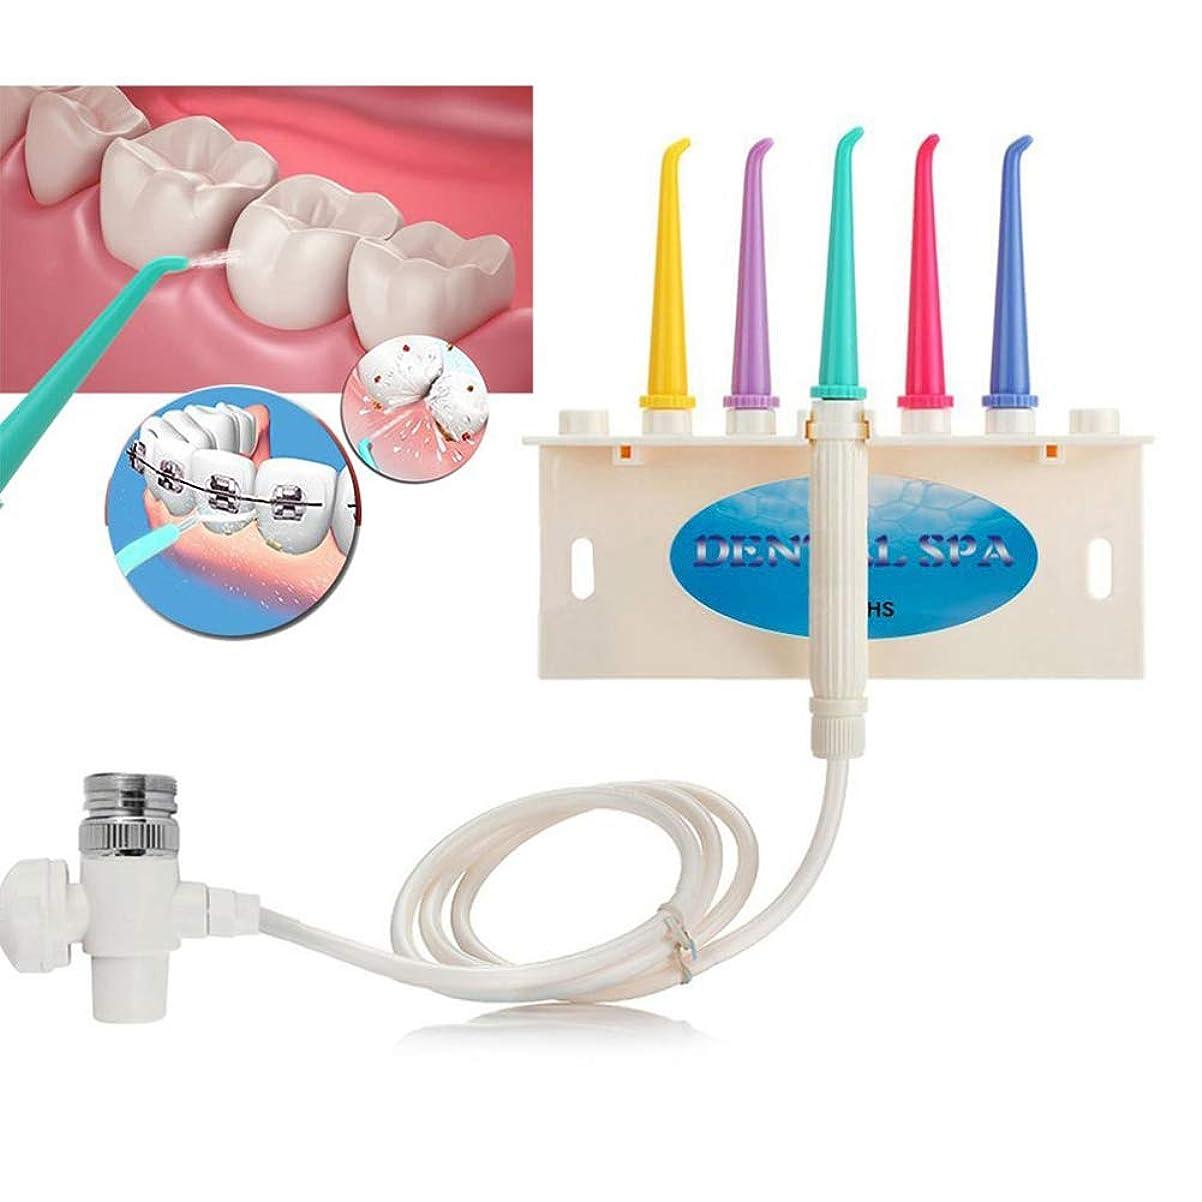 やりすぎ襟感嘆口腔洗浄器、家庭用口腔洗浄器スパ歯科ウォータージェットフロッサー歯科洗浄装置歯科用歯磨き粉